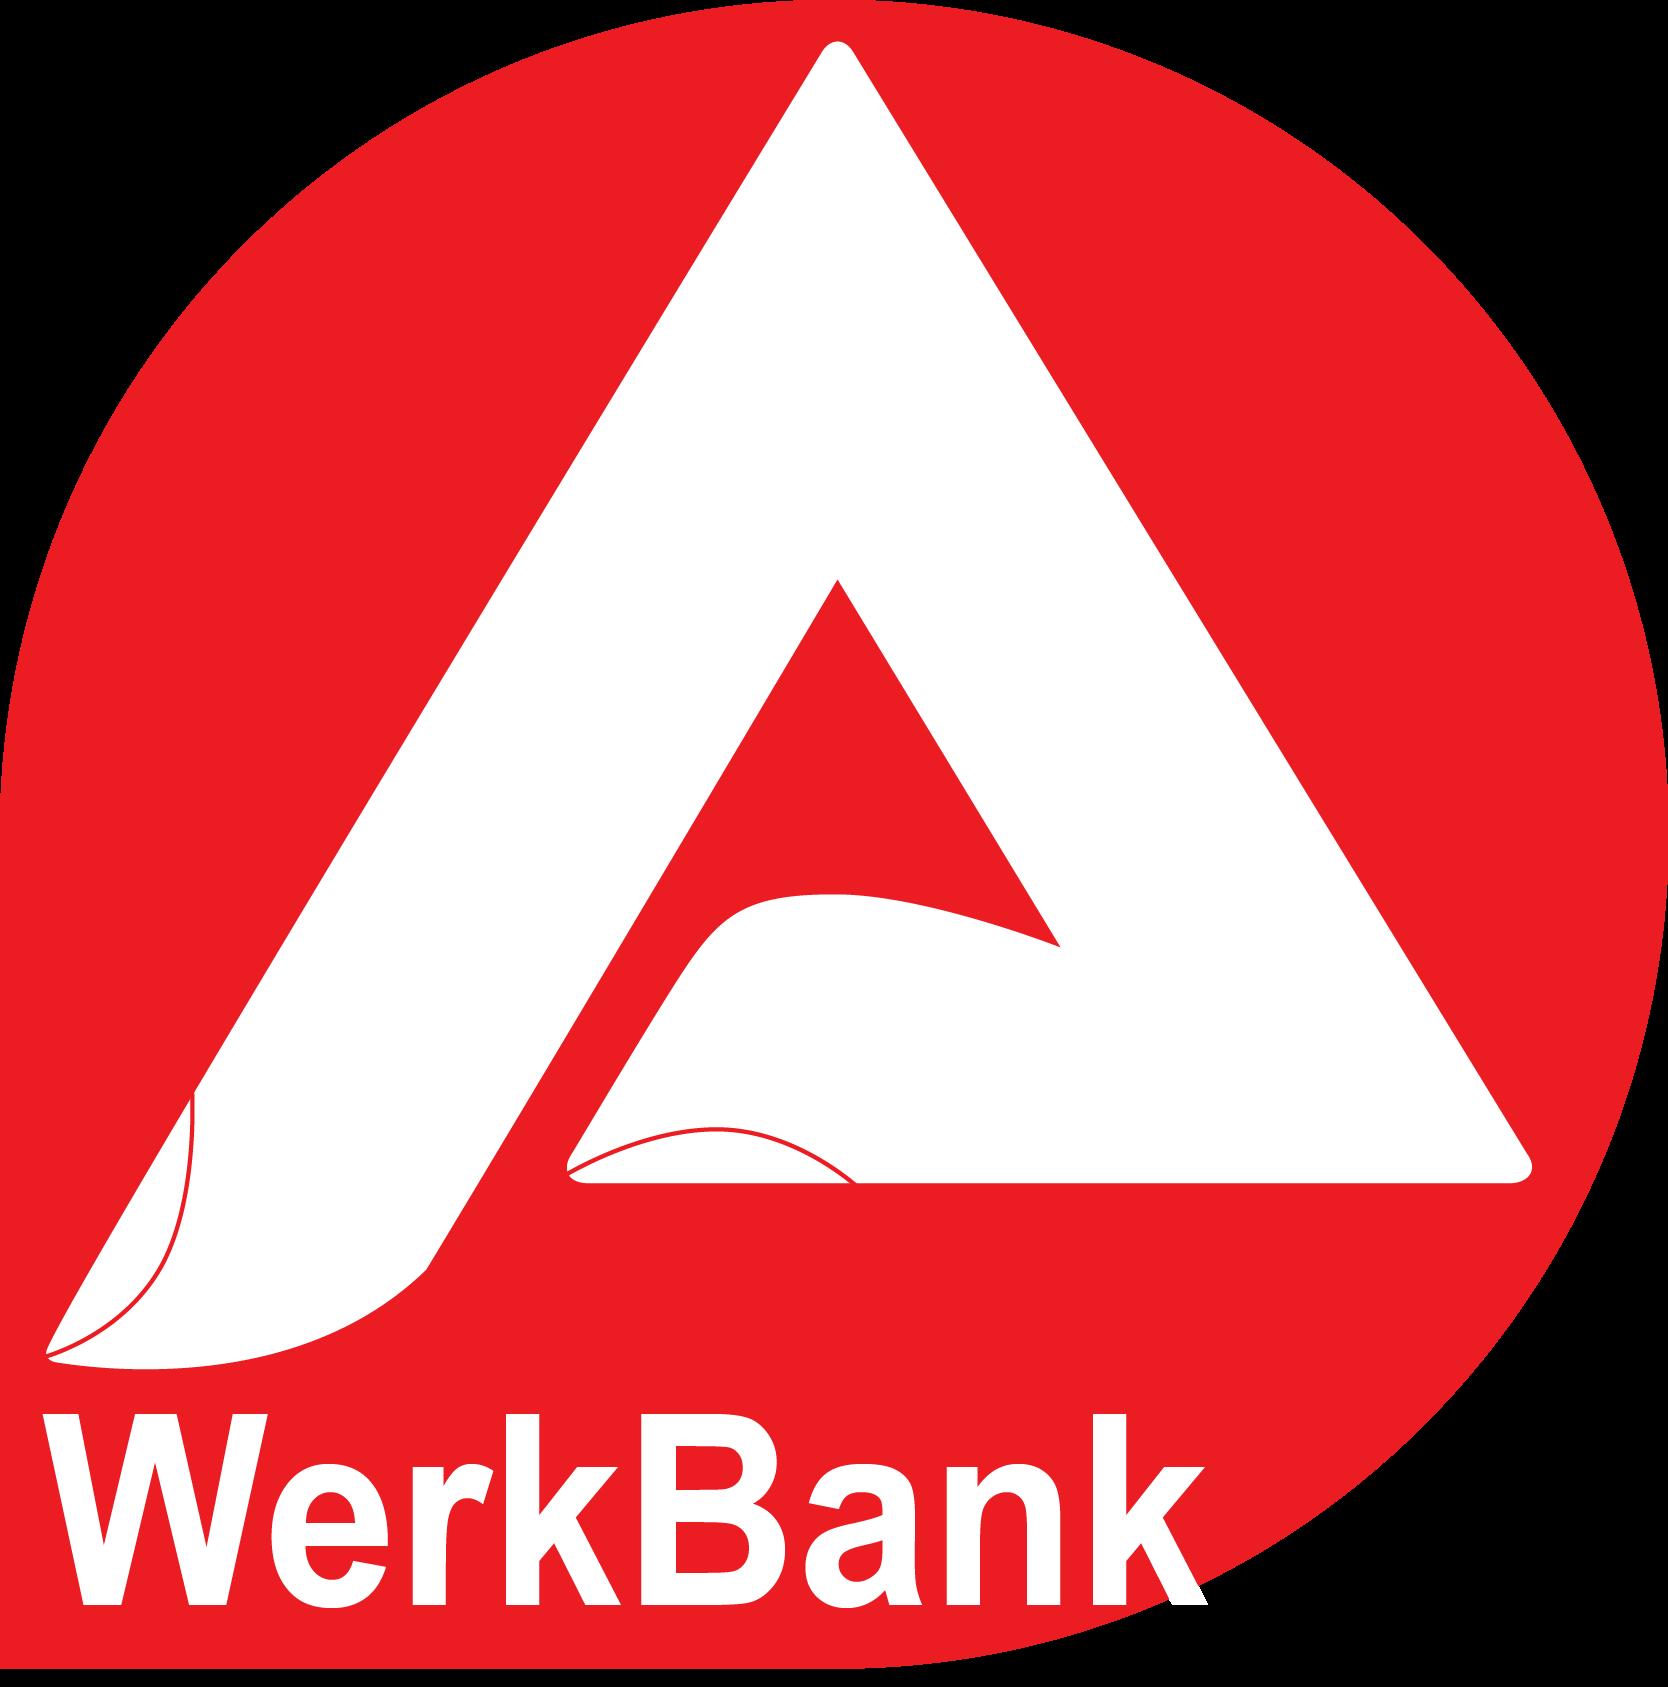 Werkbank_Bundesagentur_fuer_Arbeit_Arbeitsamt_qpress_SGBII_HartzIV_Logo_klein